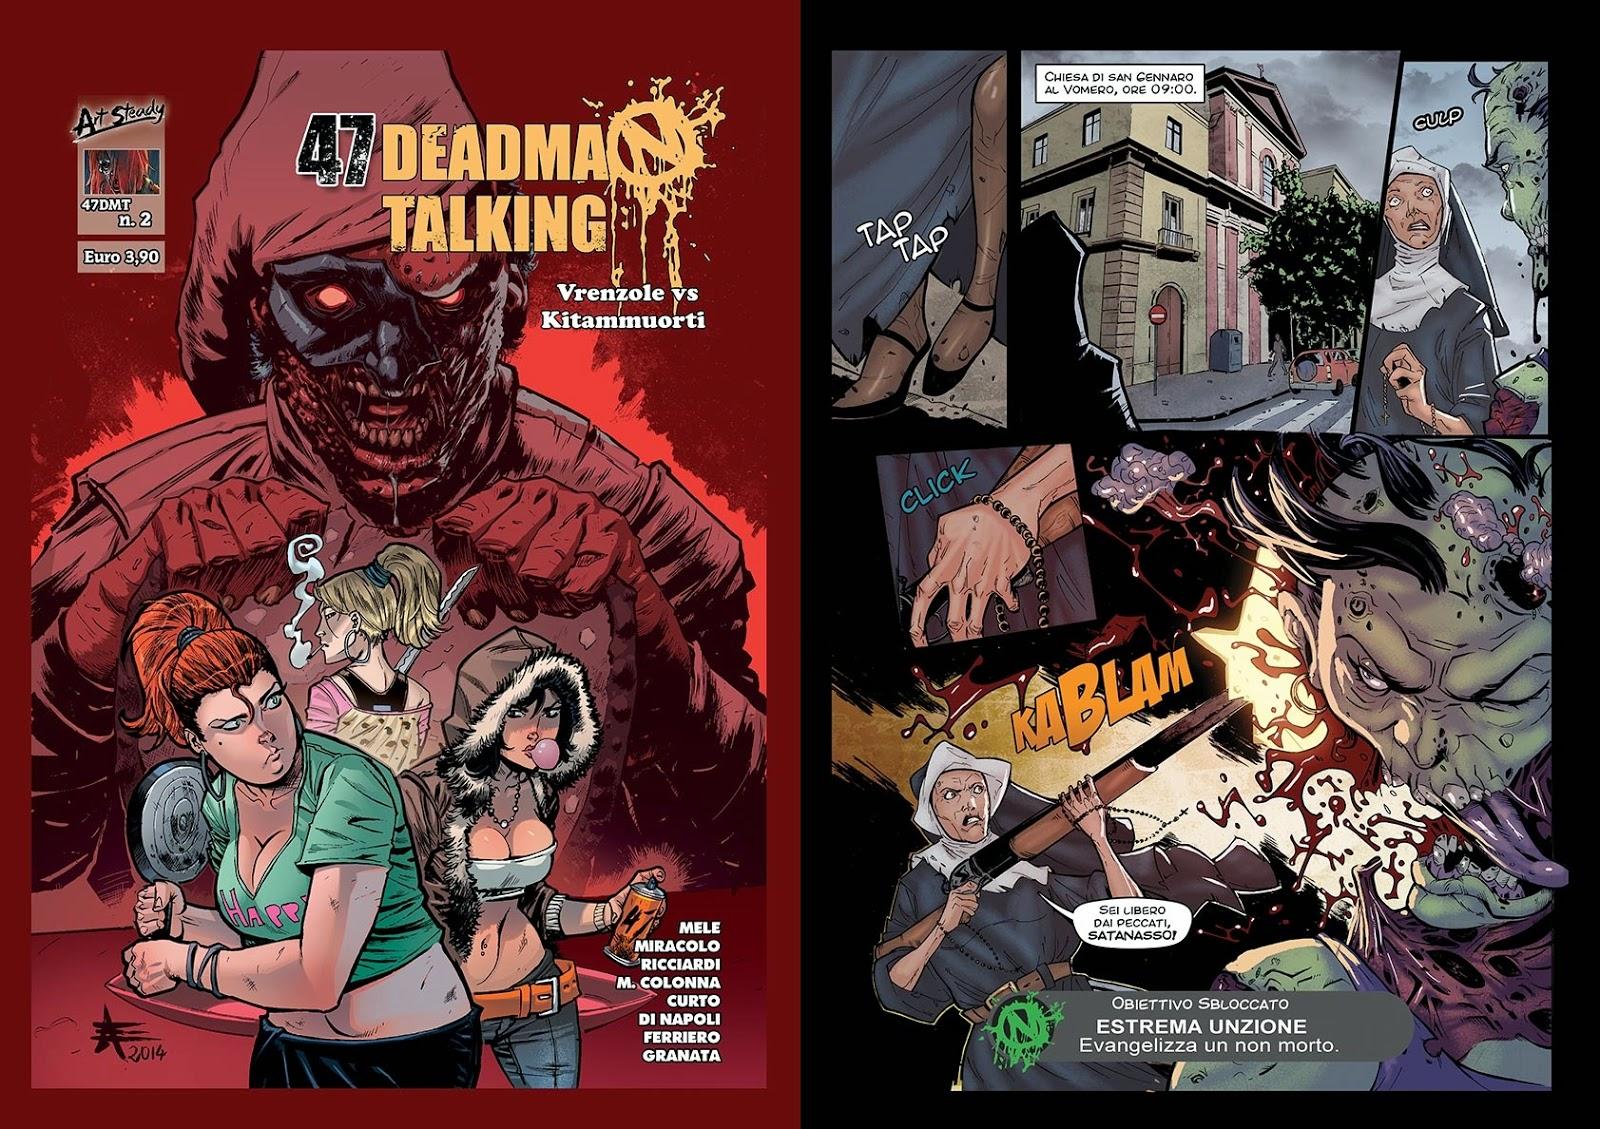 47 Dead Man Talking (cover+tavola)